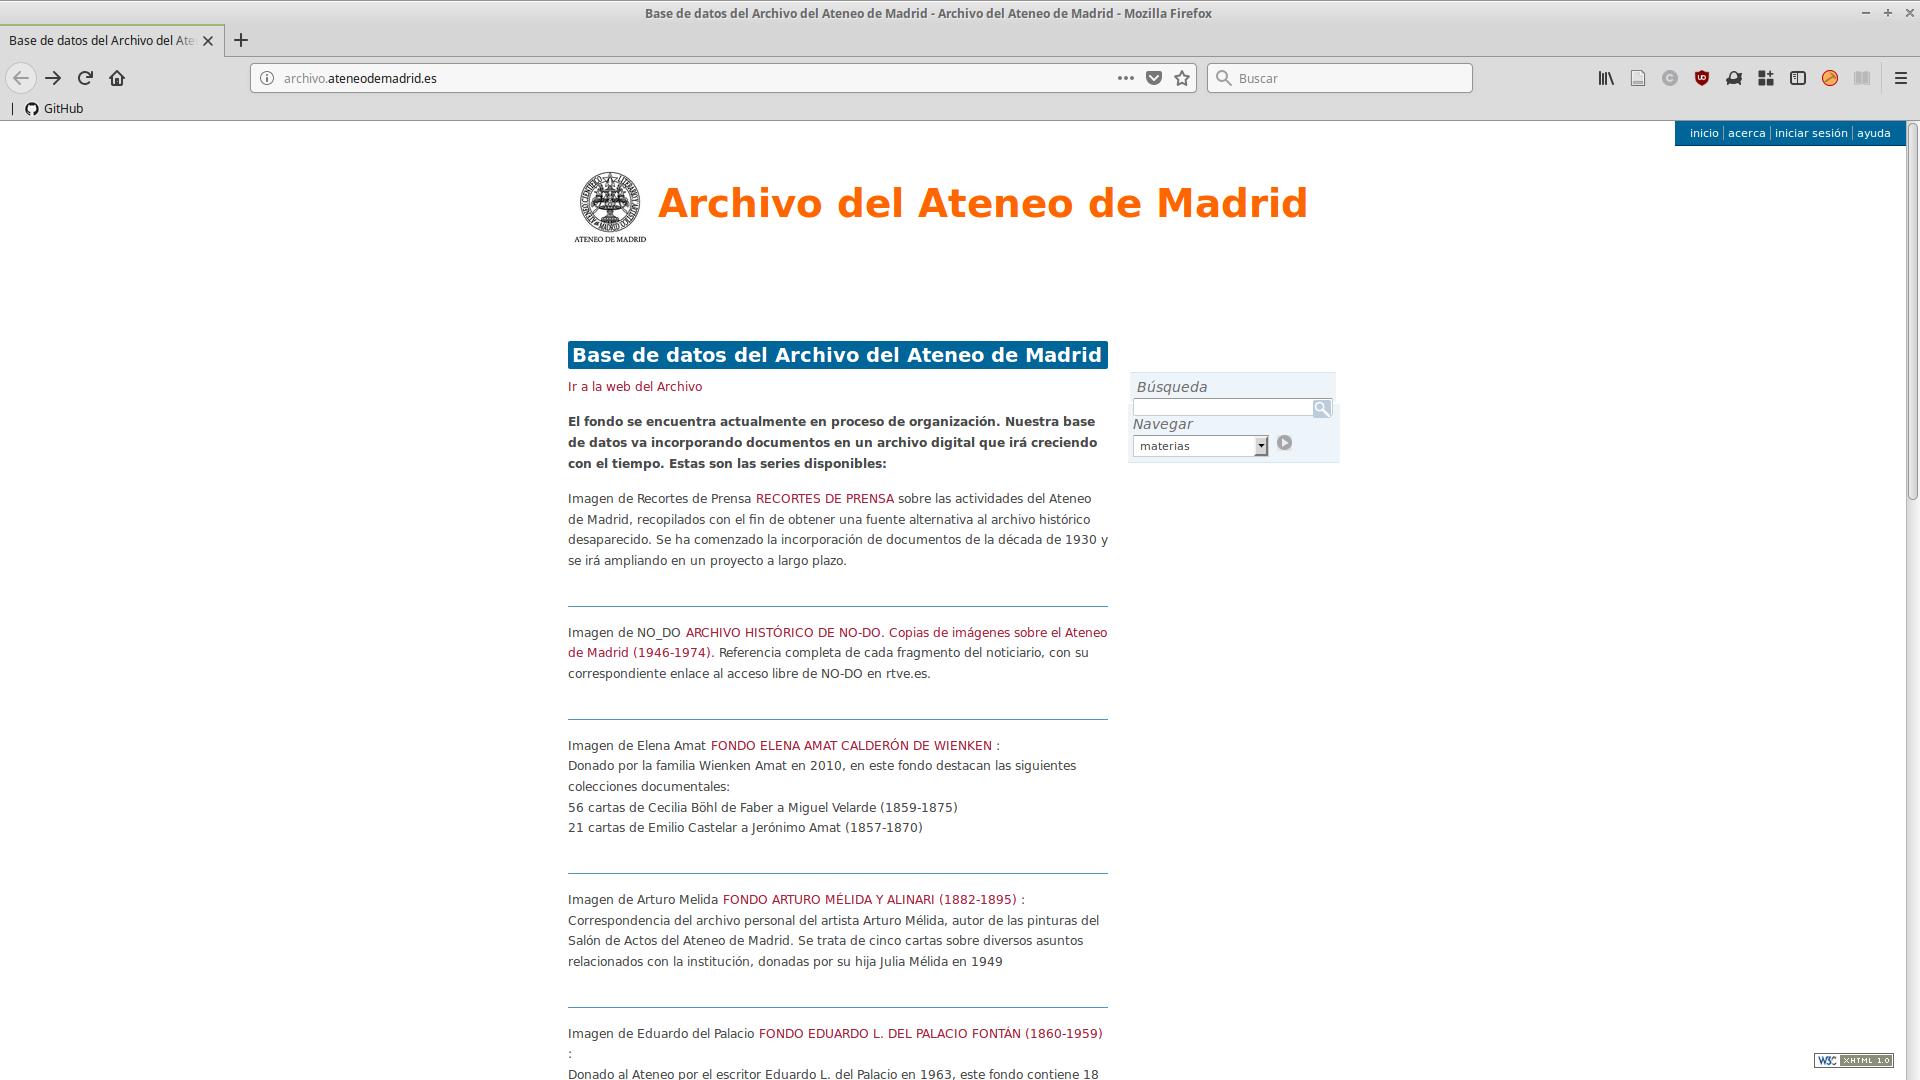 AtoM en el Archivo del Ateneo de Madrid